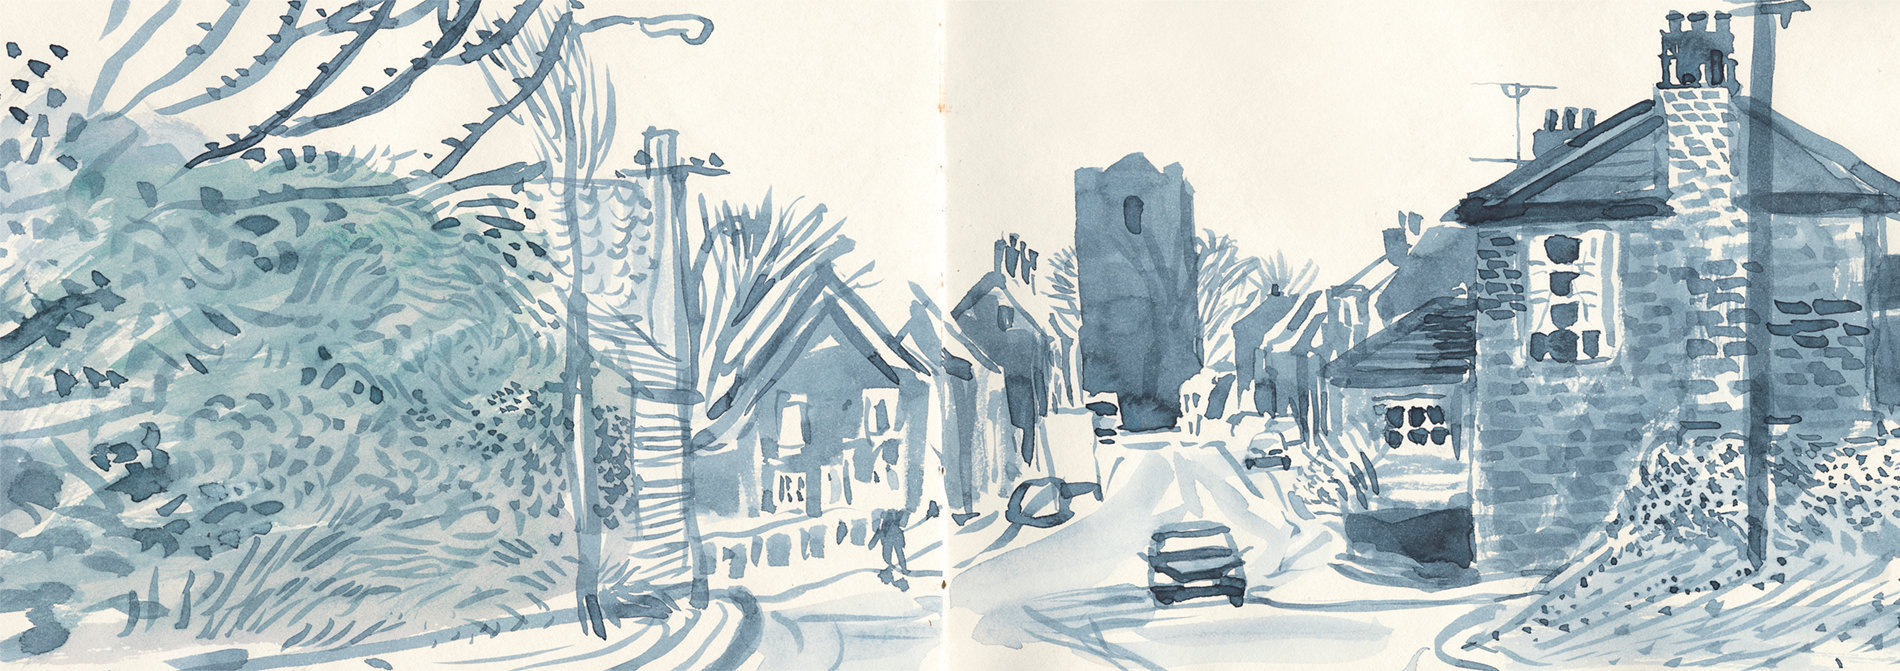 David Hockney - a Yorkshire sketchbook